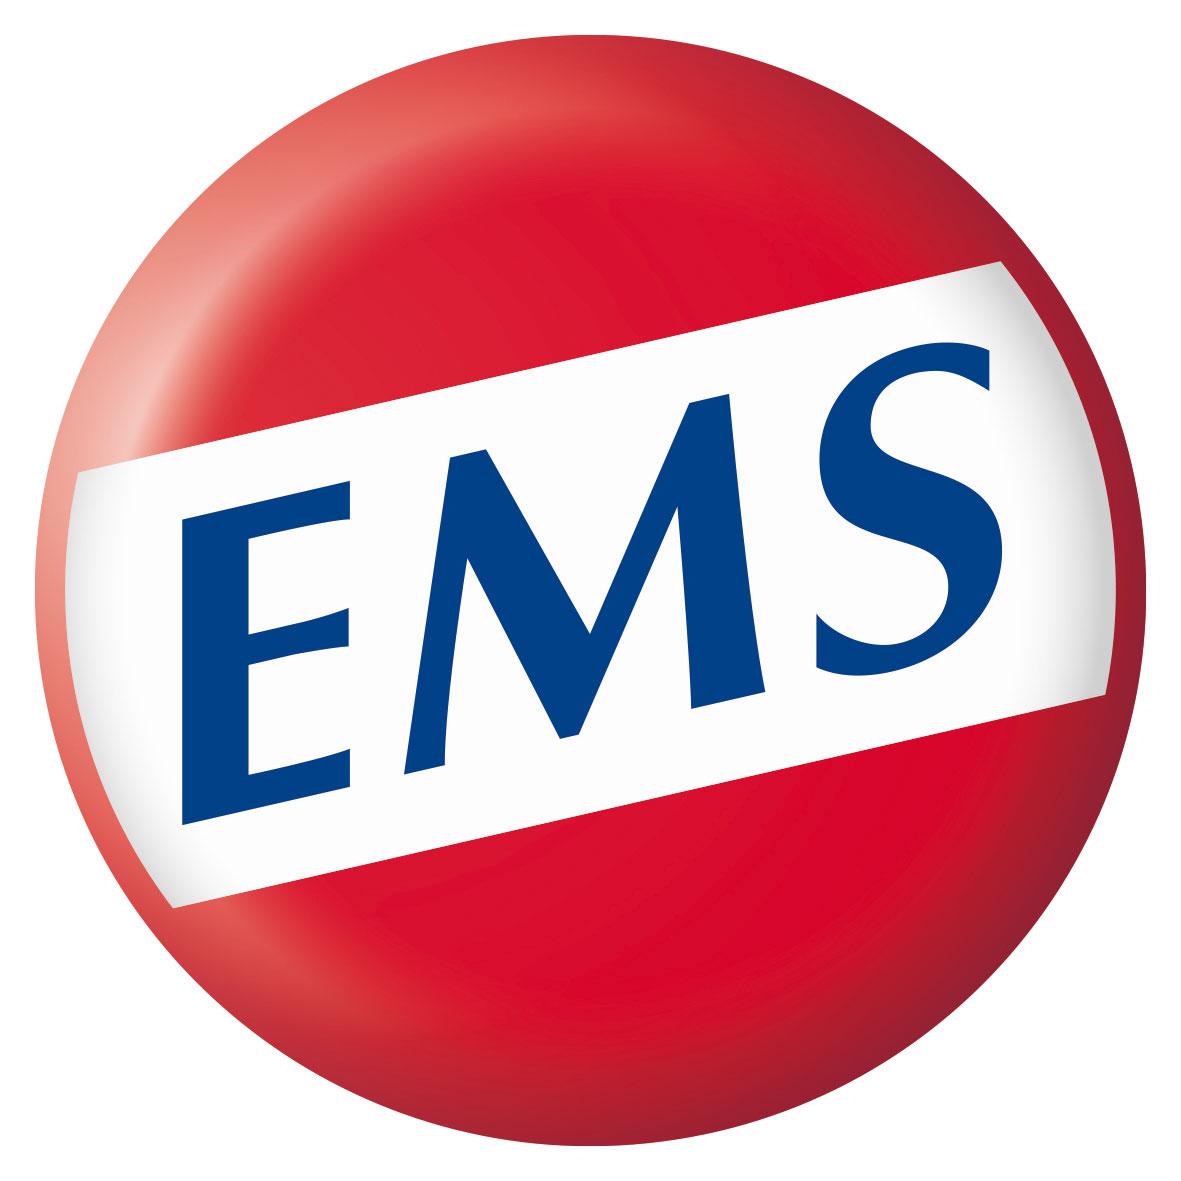 Das Logo von Emser erkennt man an dem leuchtend roten Kreis in dem auf weißem Hintergrund die blauen Buchstaben EMS zu sehen sind.